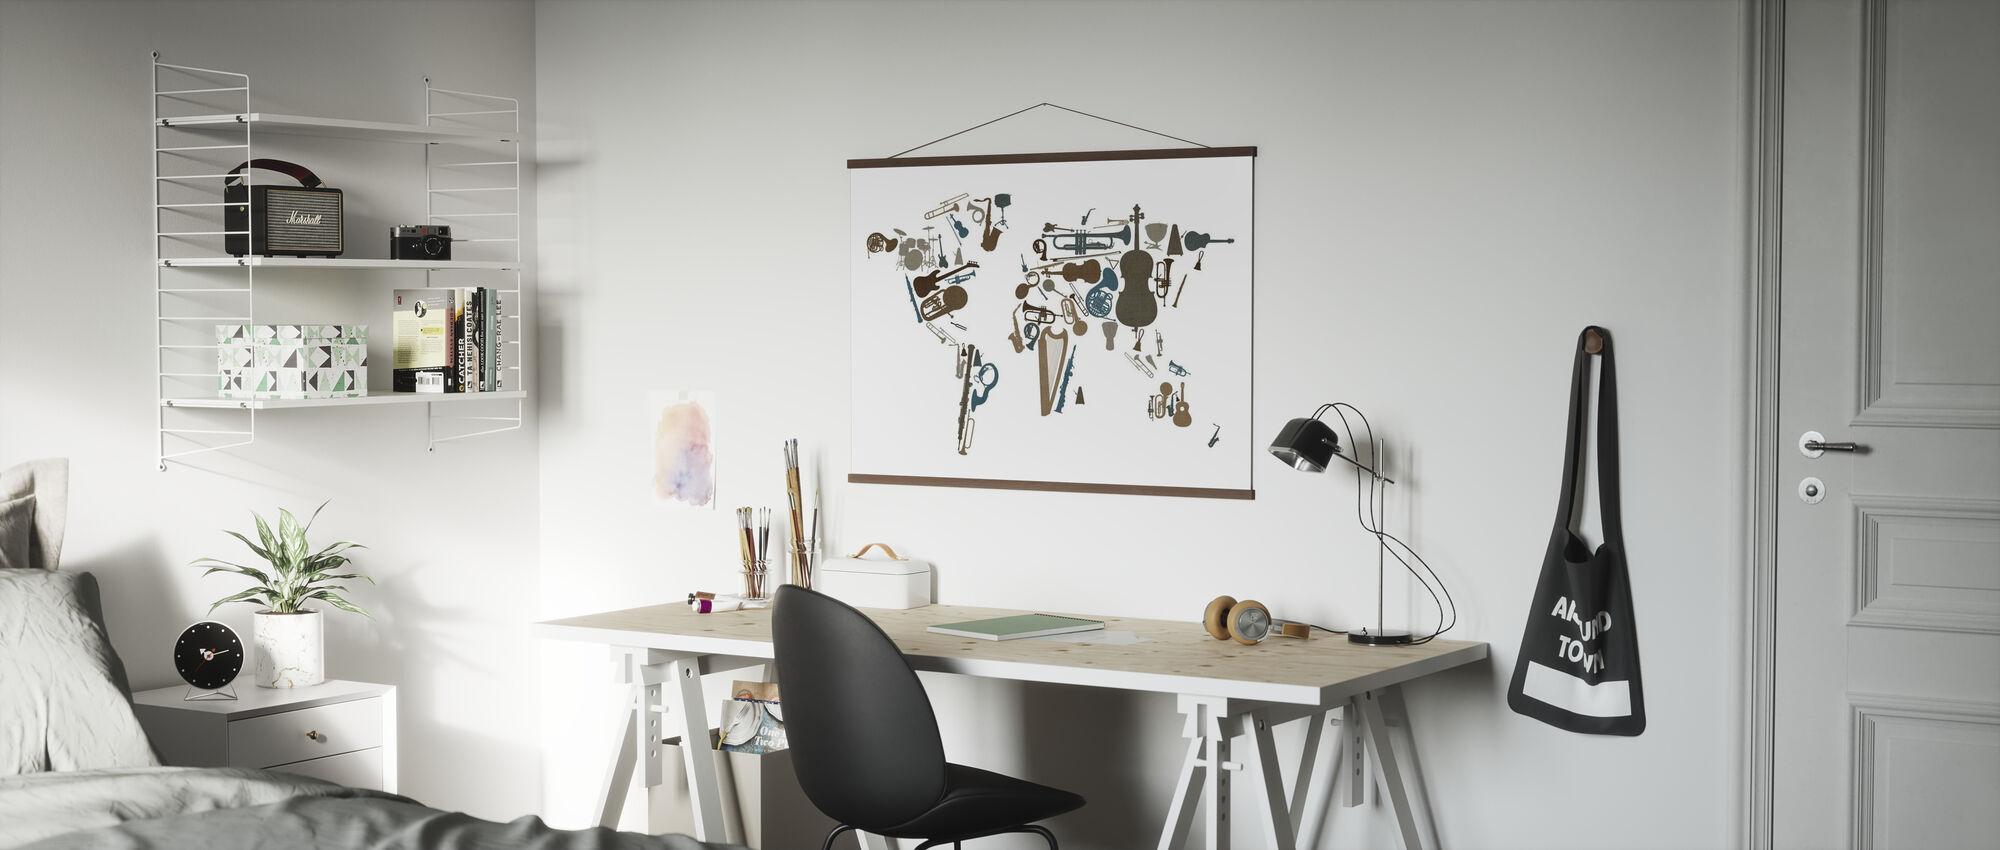 Muziek Instrumenten Wereld Kaart - Poster - Kantoor